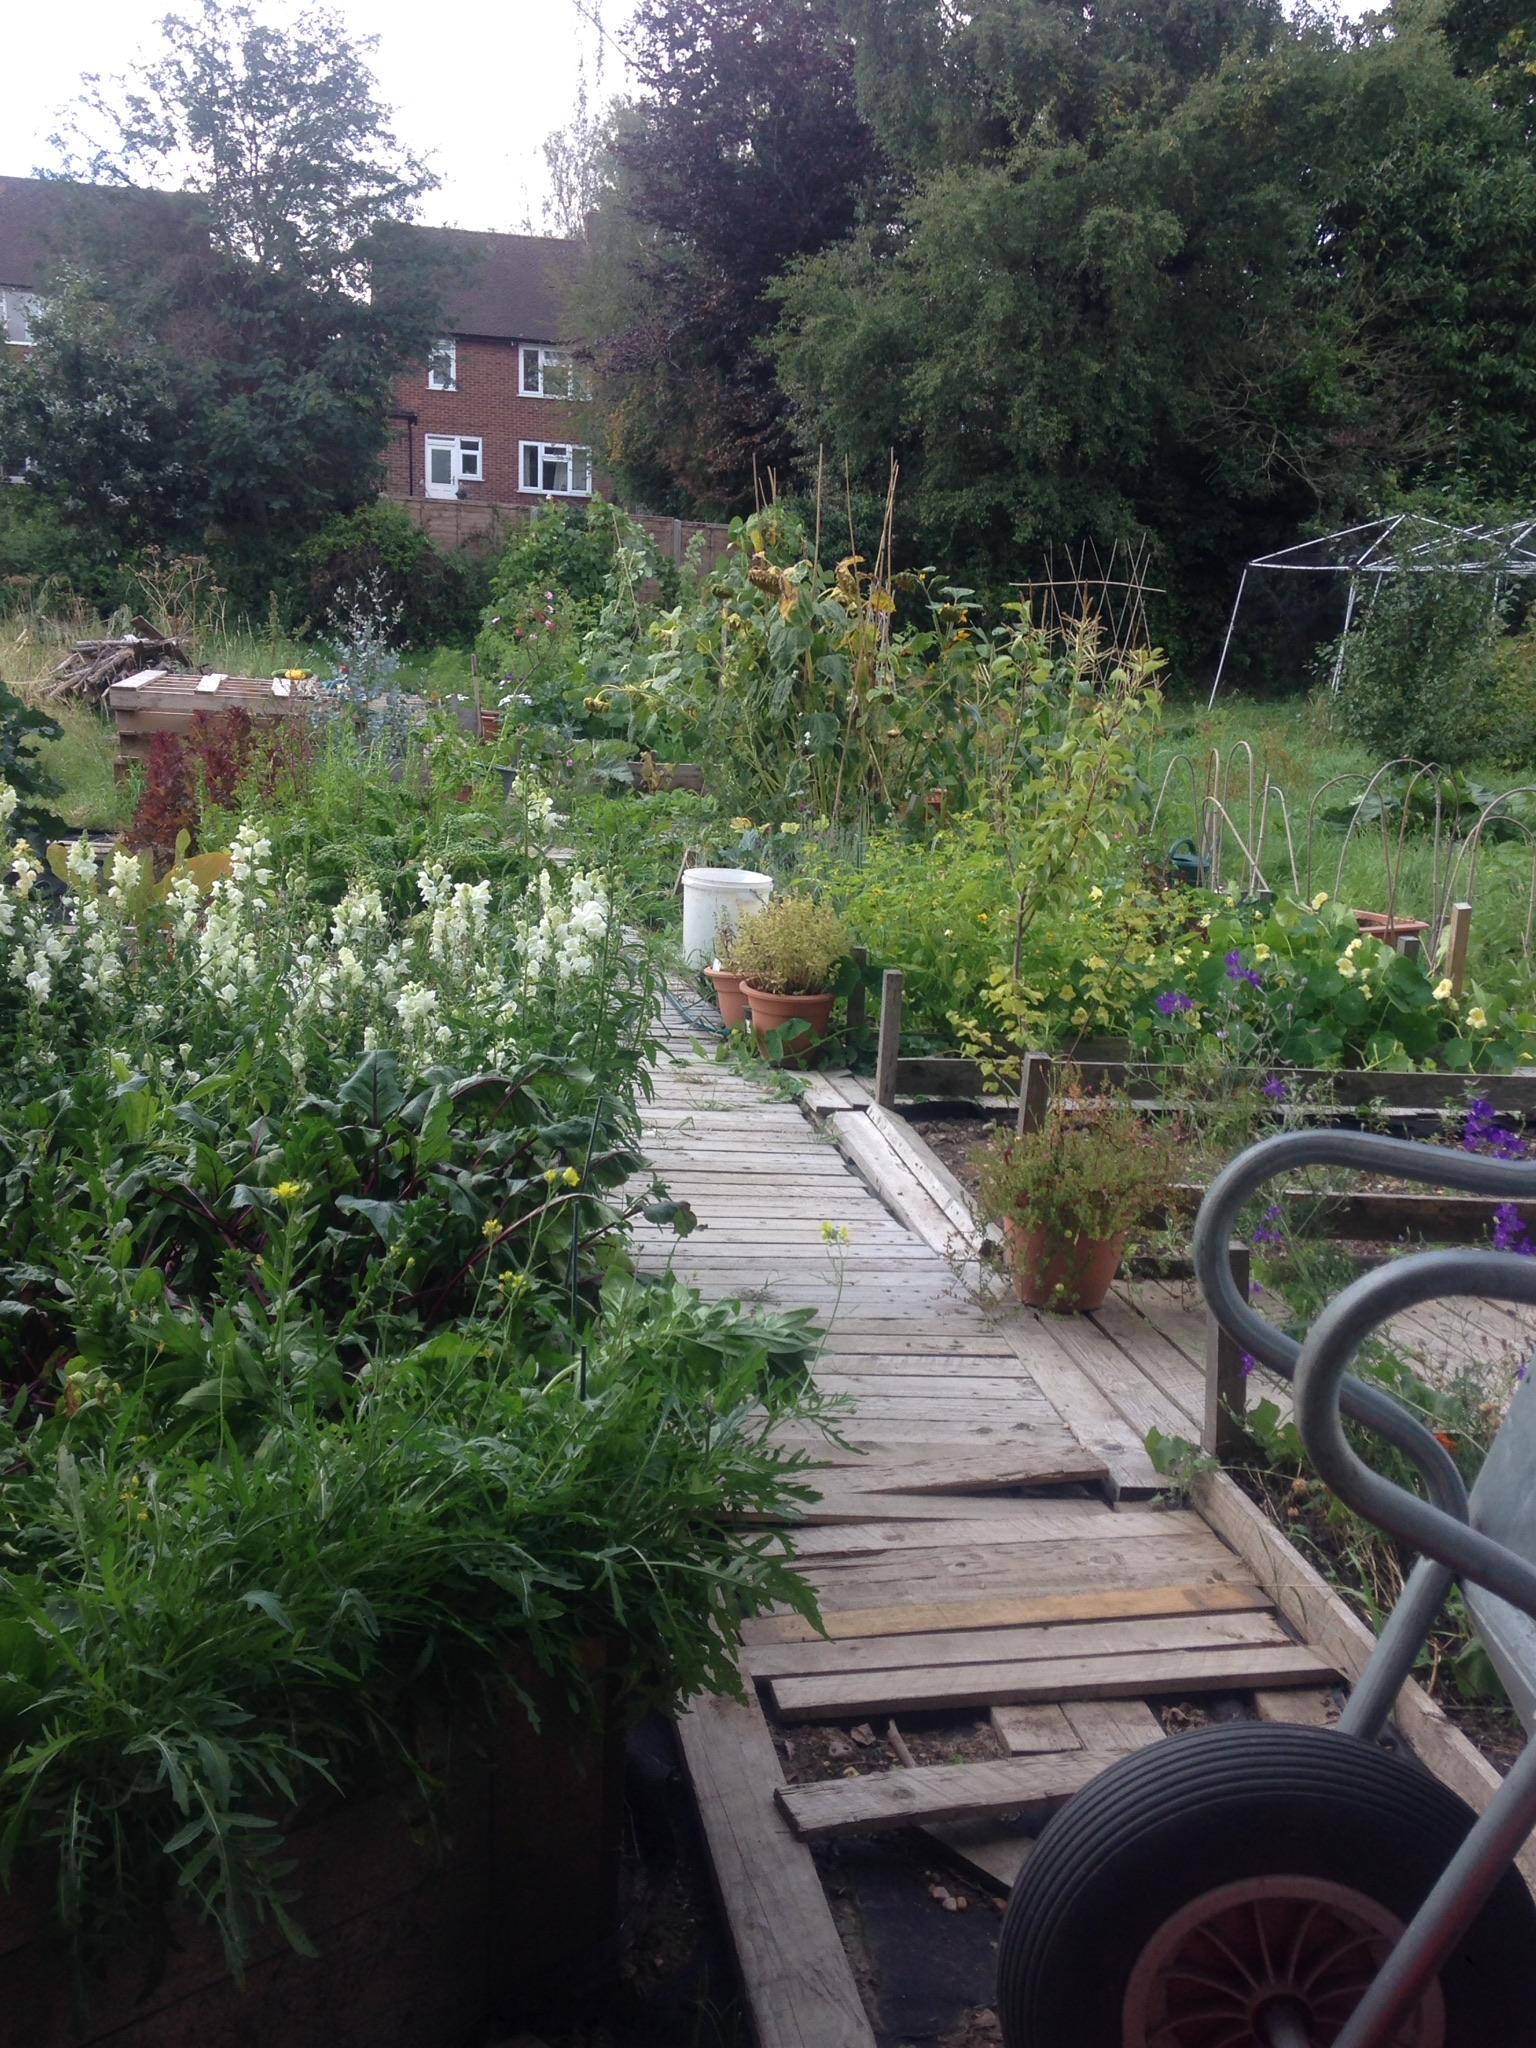 Garden Jobs in August